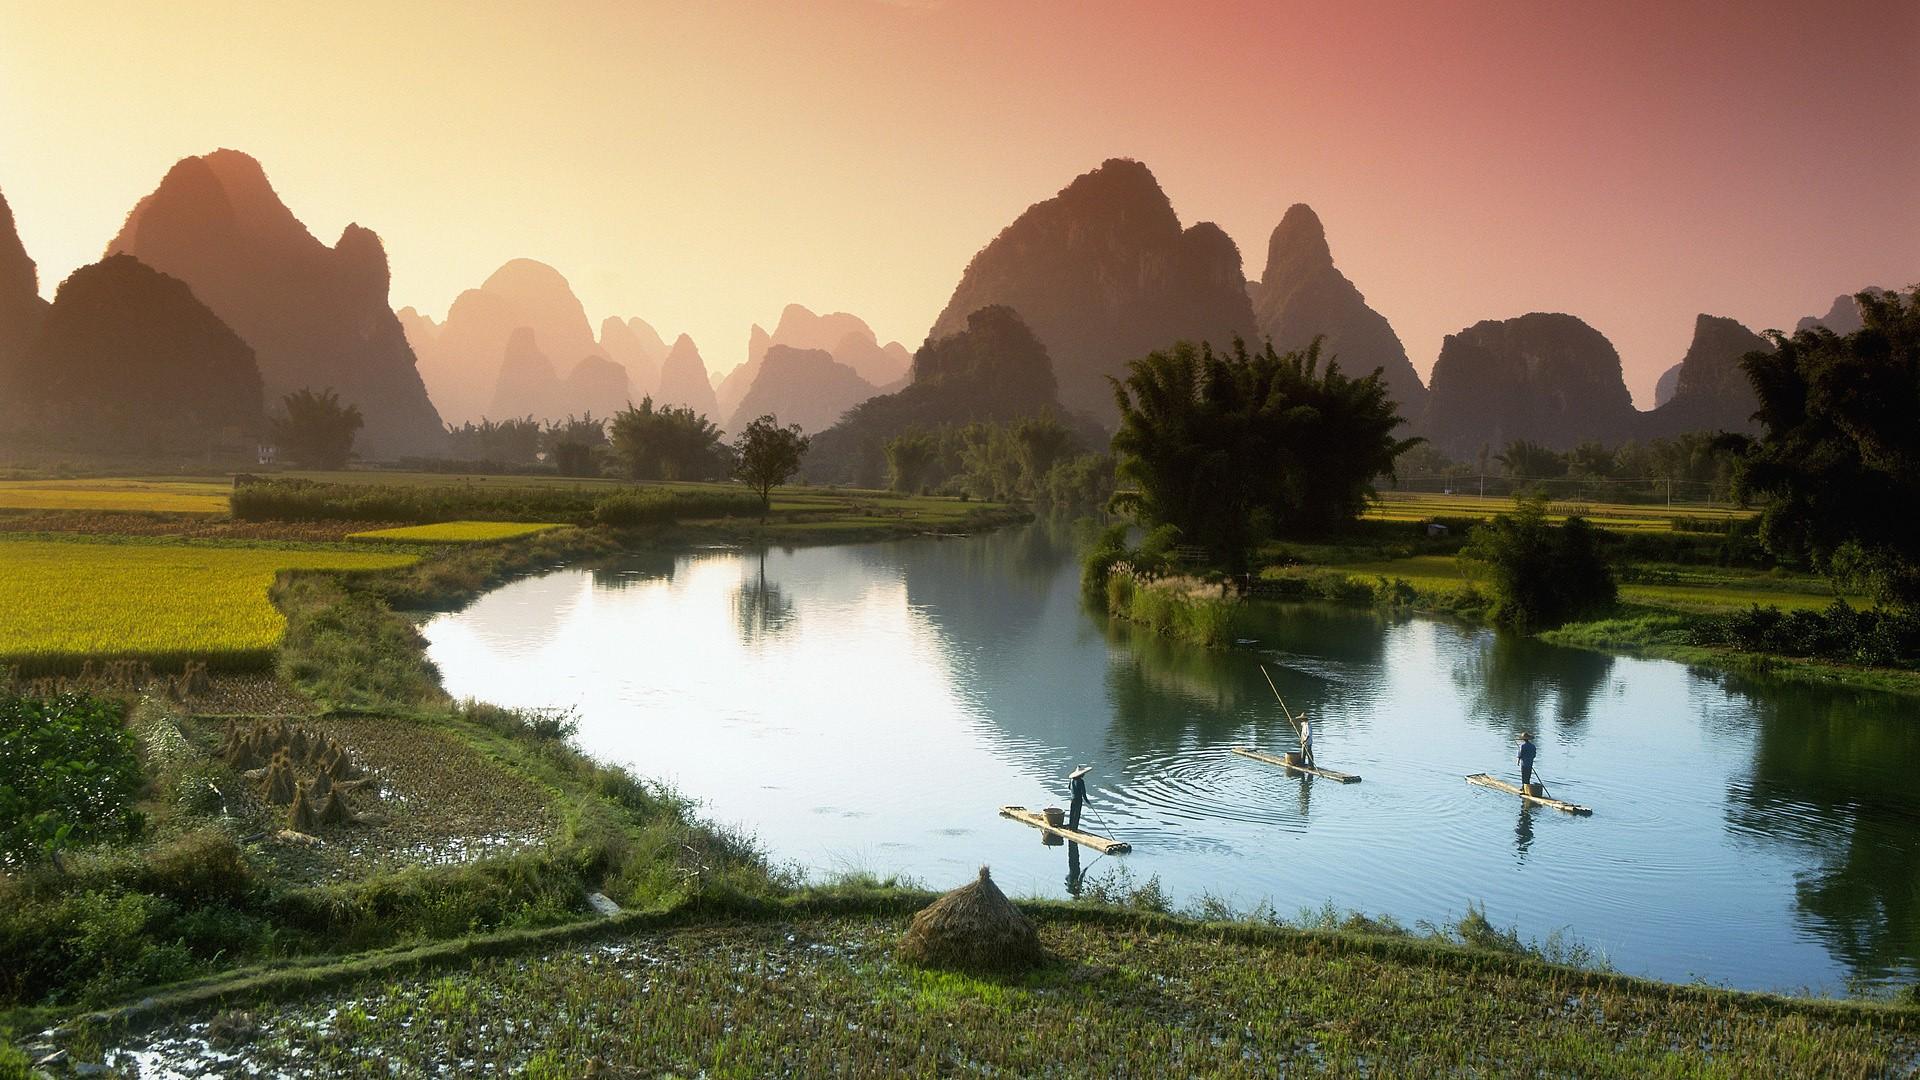 Обои на рабочий стол пейзажи китая